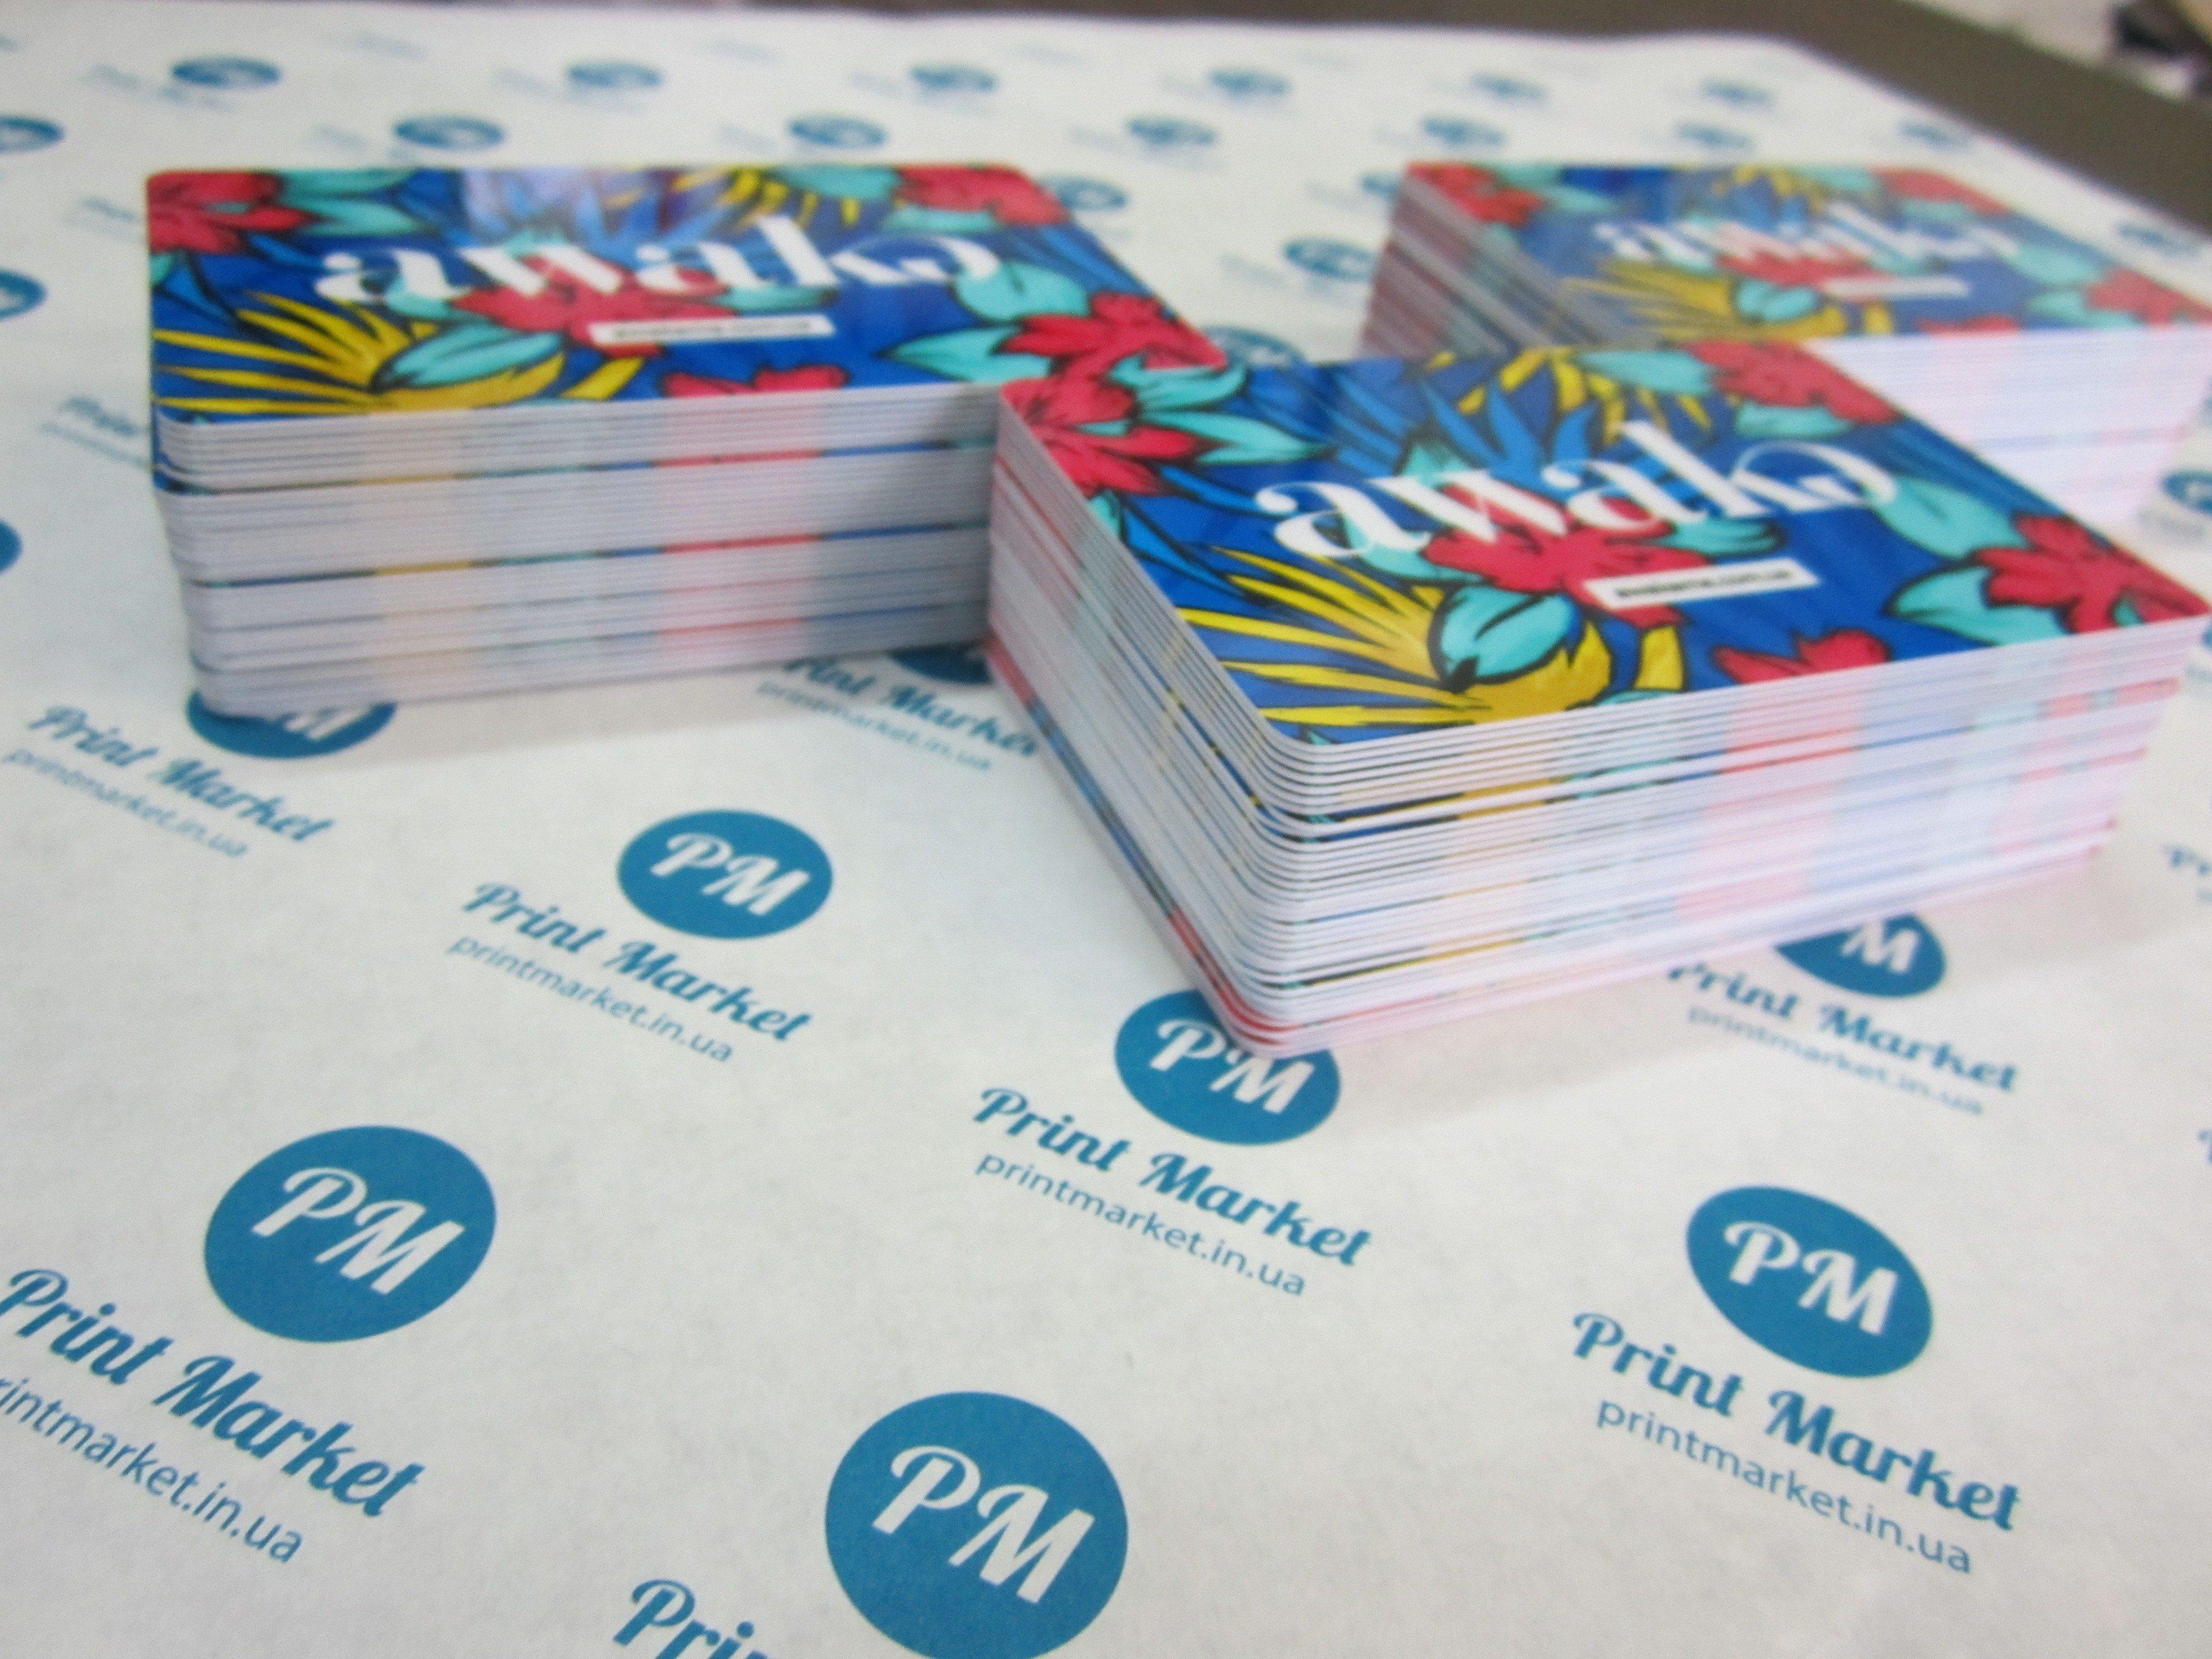 Пластиковые карты - продвигай свой бизнес! 3